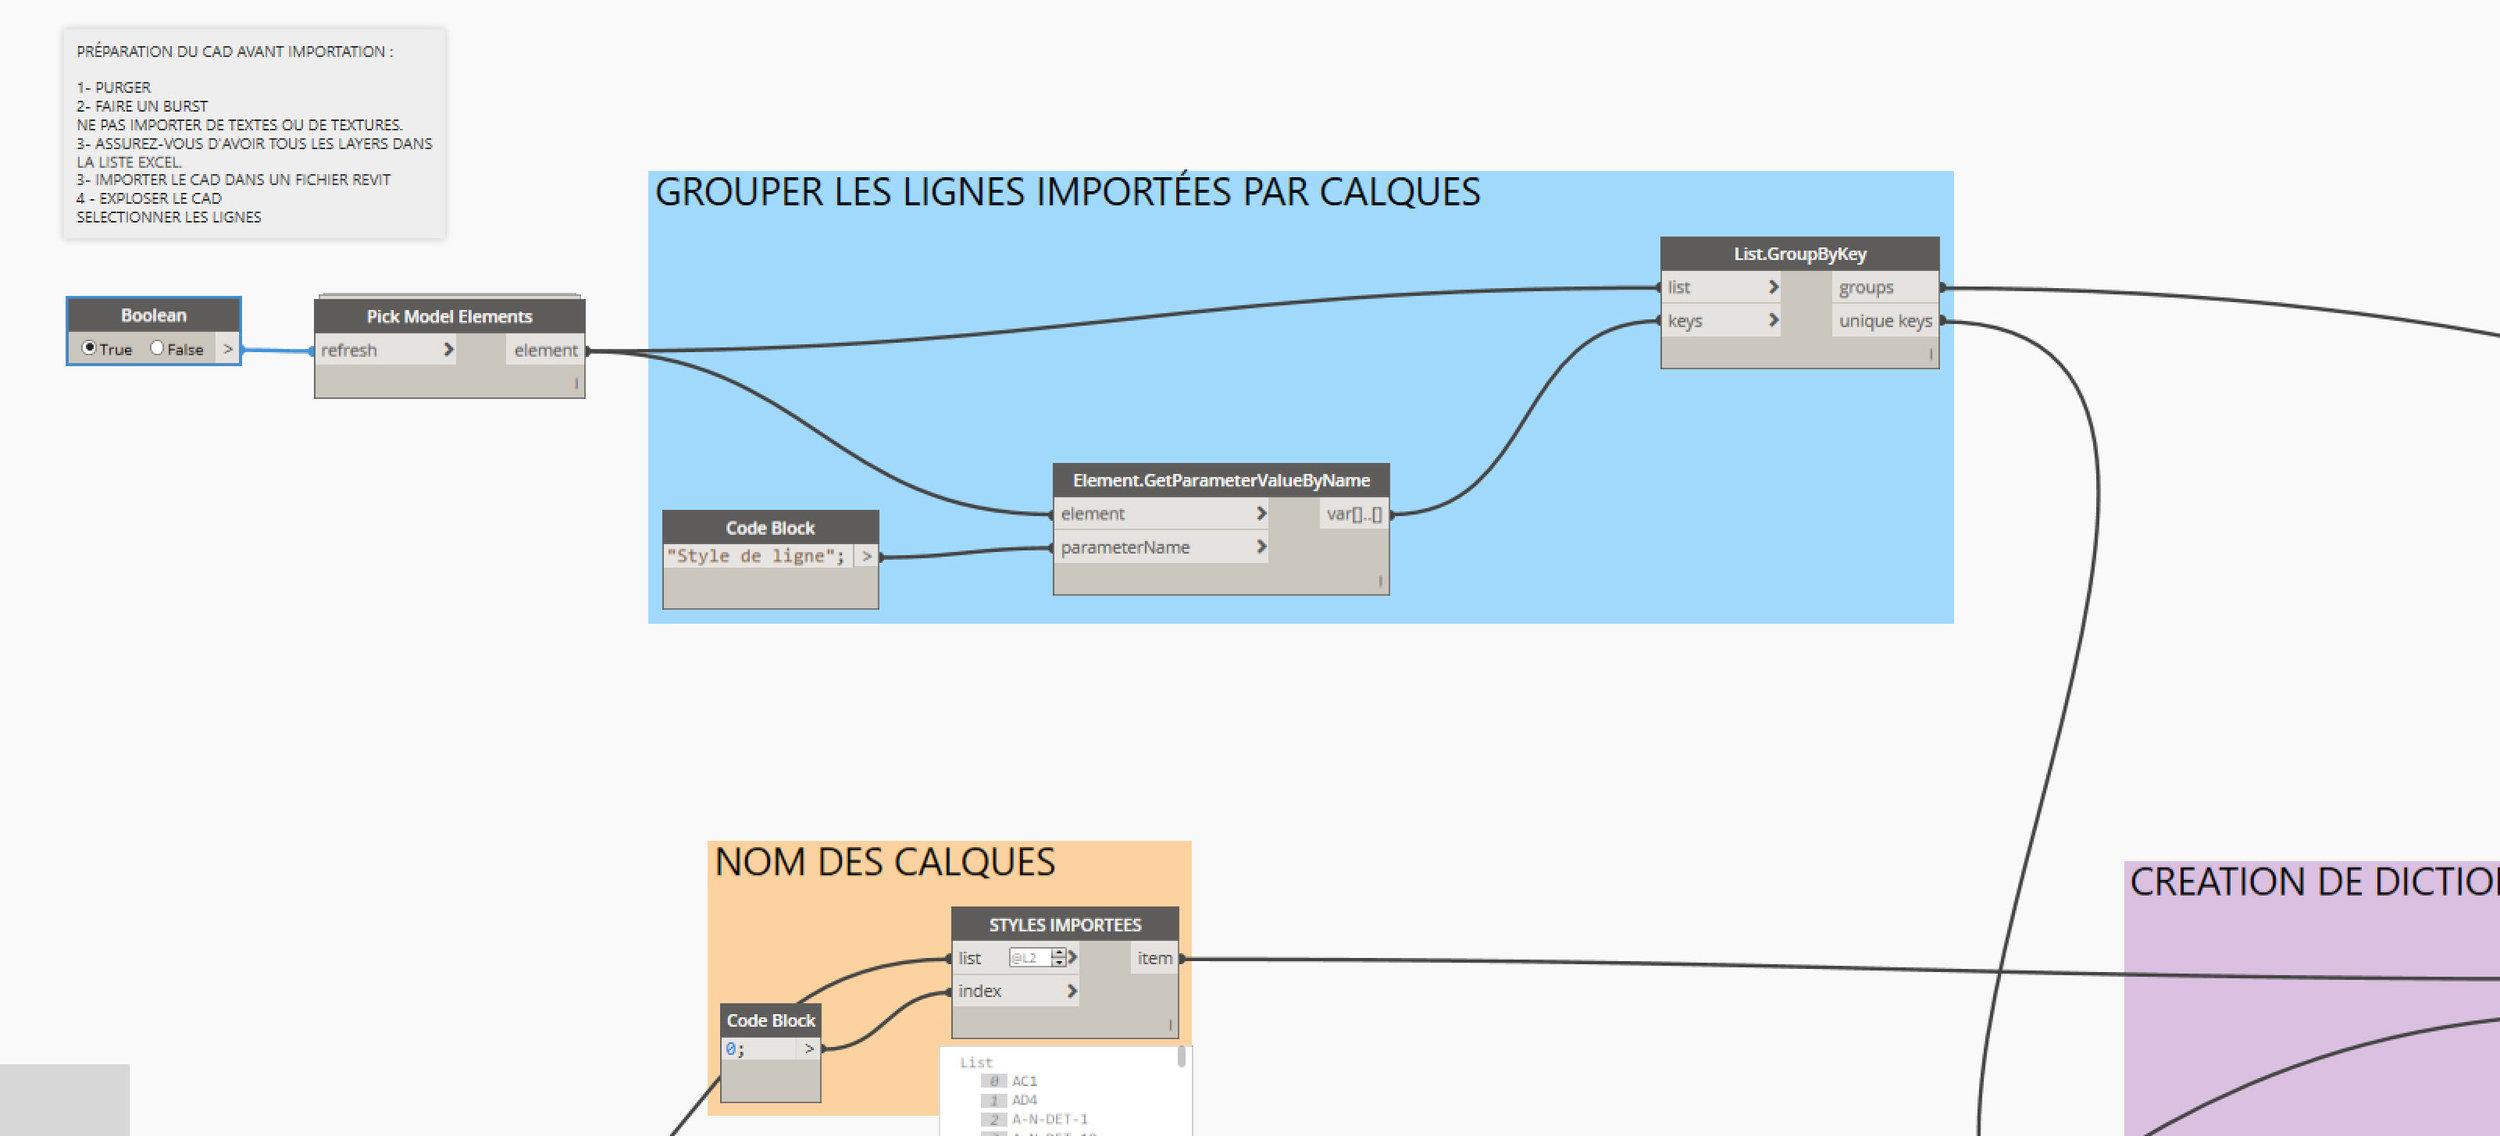 2. ici nous allons présélectionner les lignes importées à convertir, tout regroupant les lignes par leur style de ligne CAD.